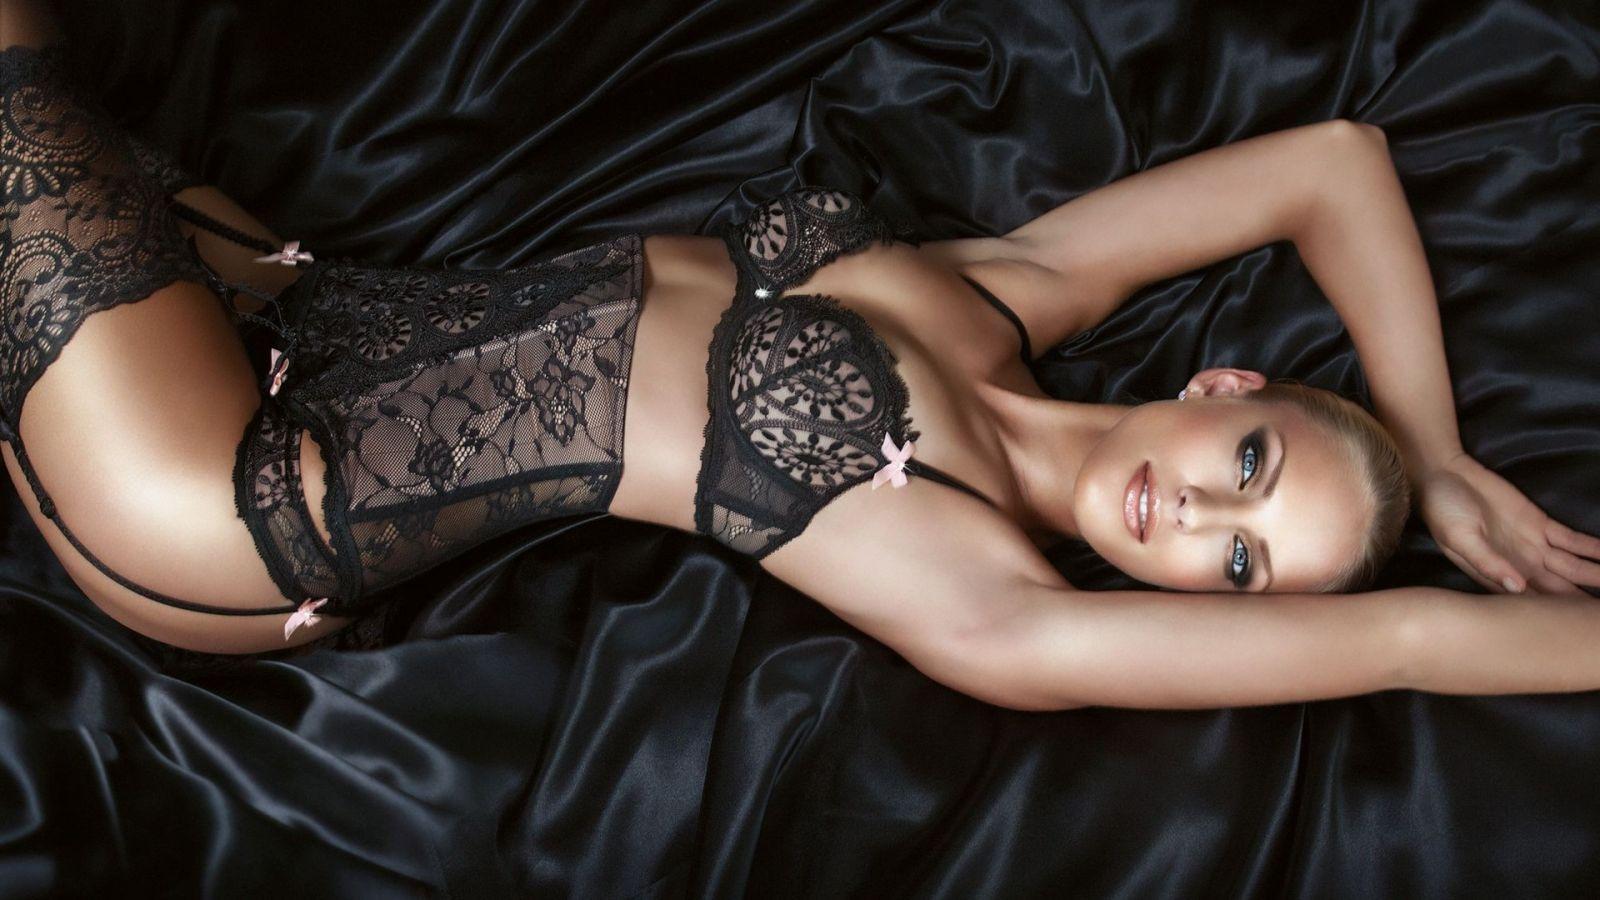 Фото красивого женского тела 18 фотография